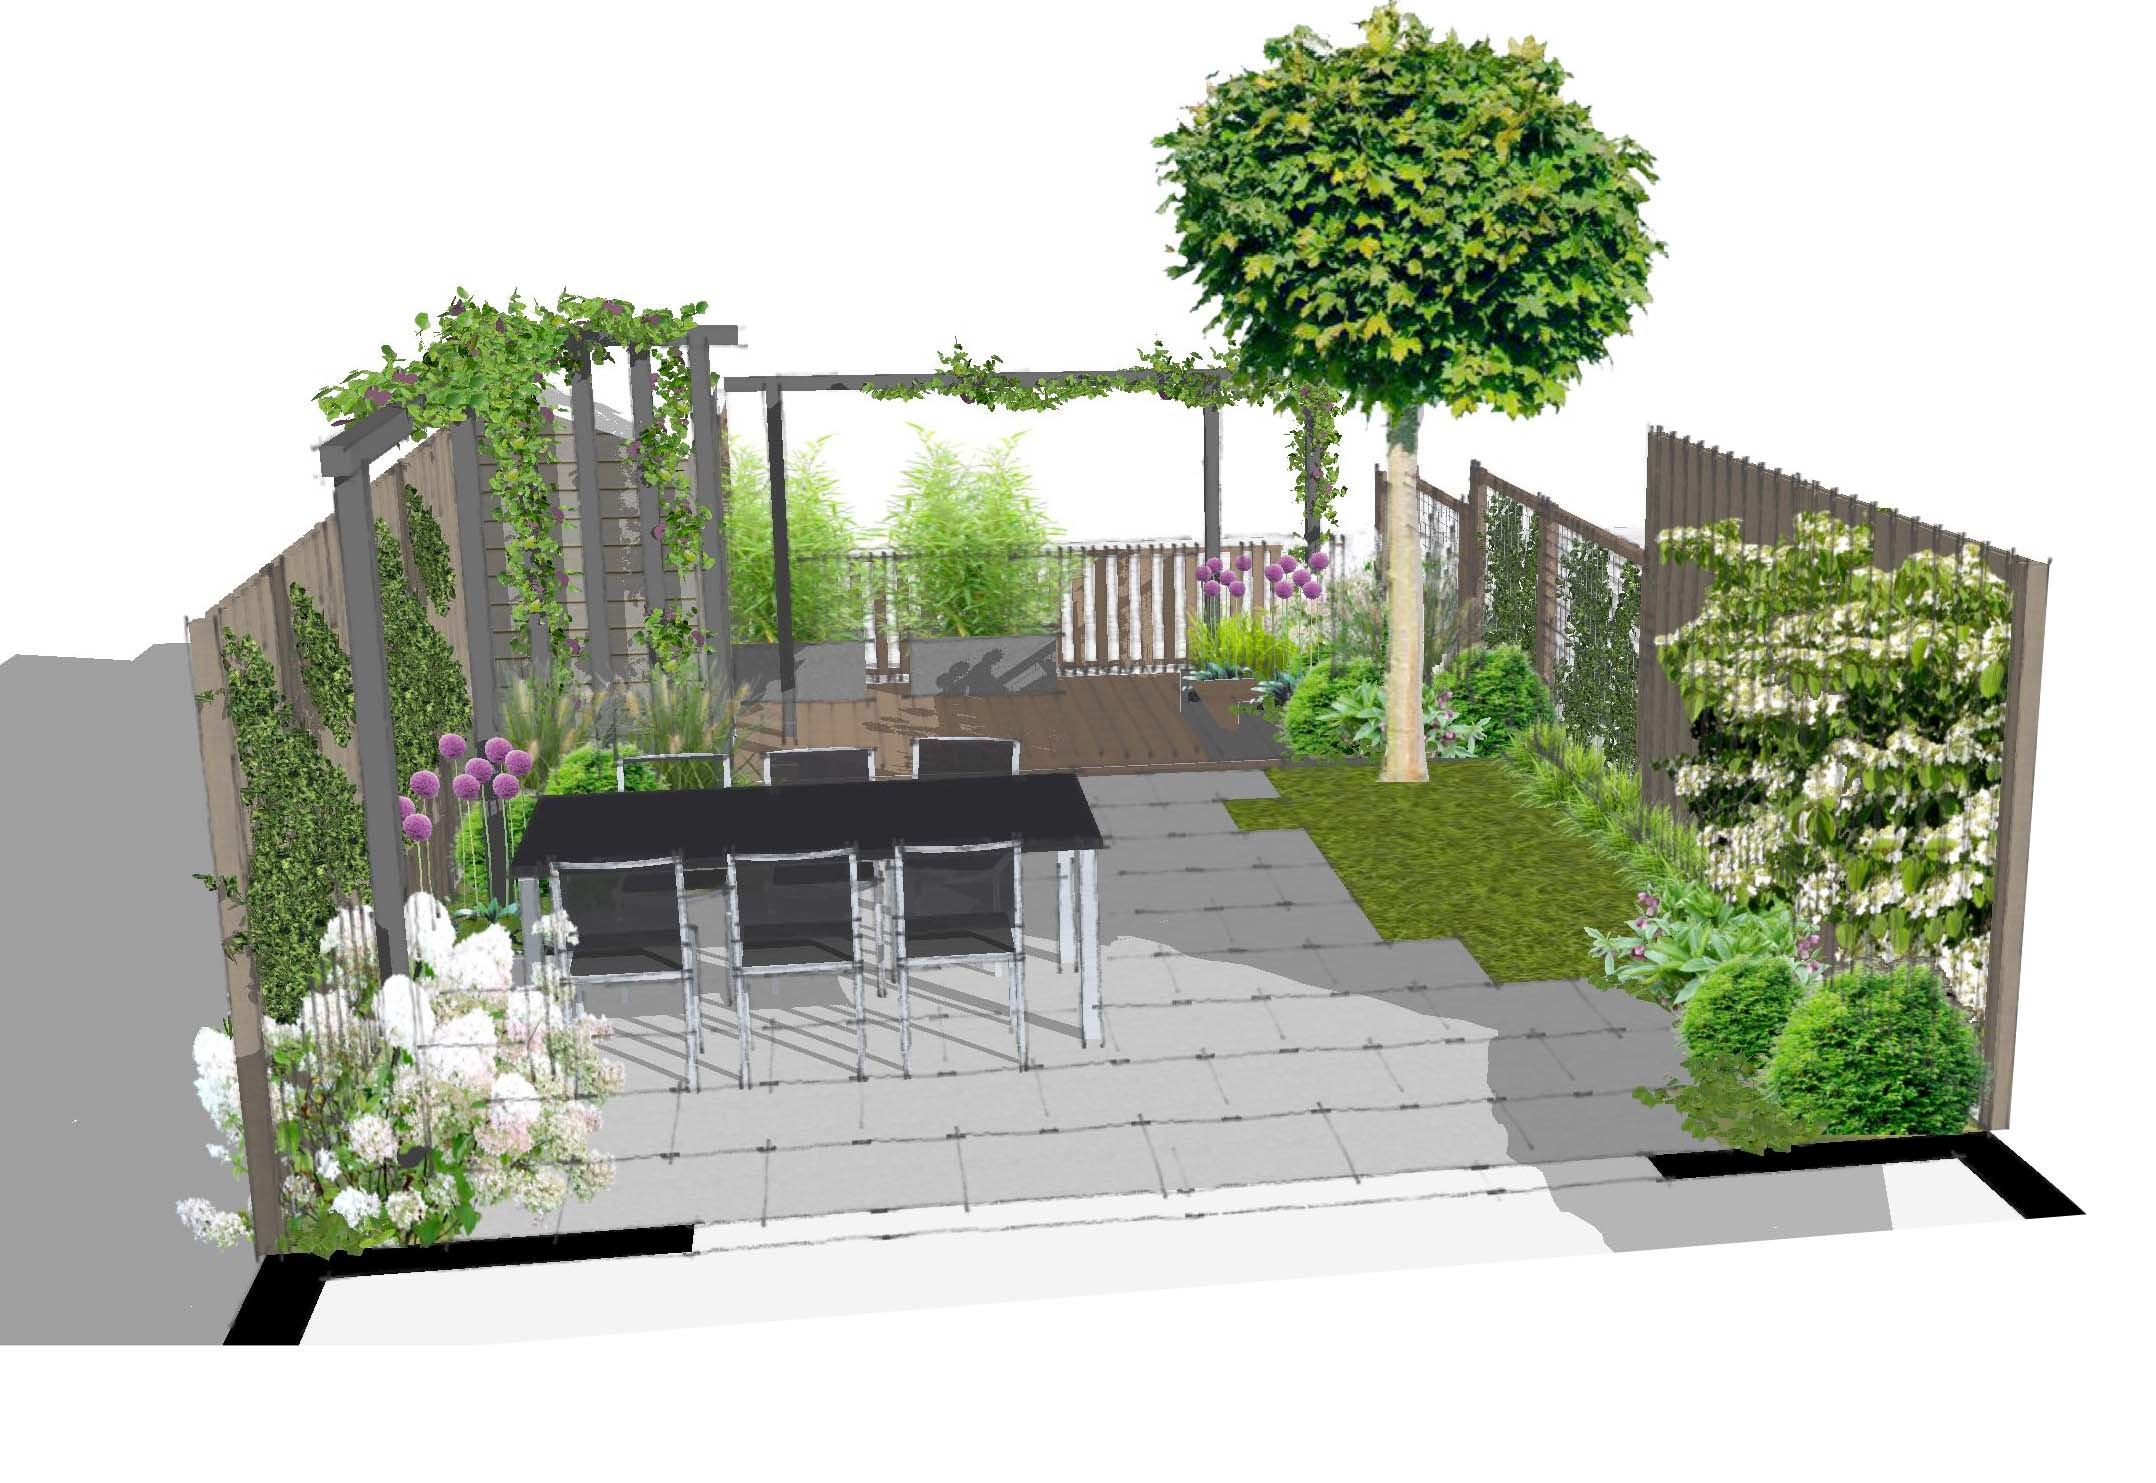 voorbeelden tuinontwerp tuinaanleg tuinonderhoud